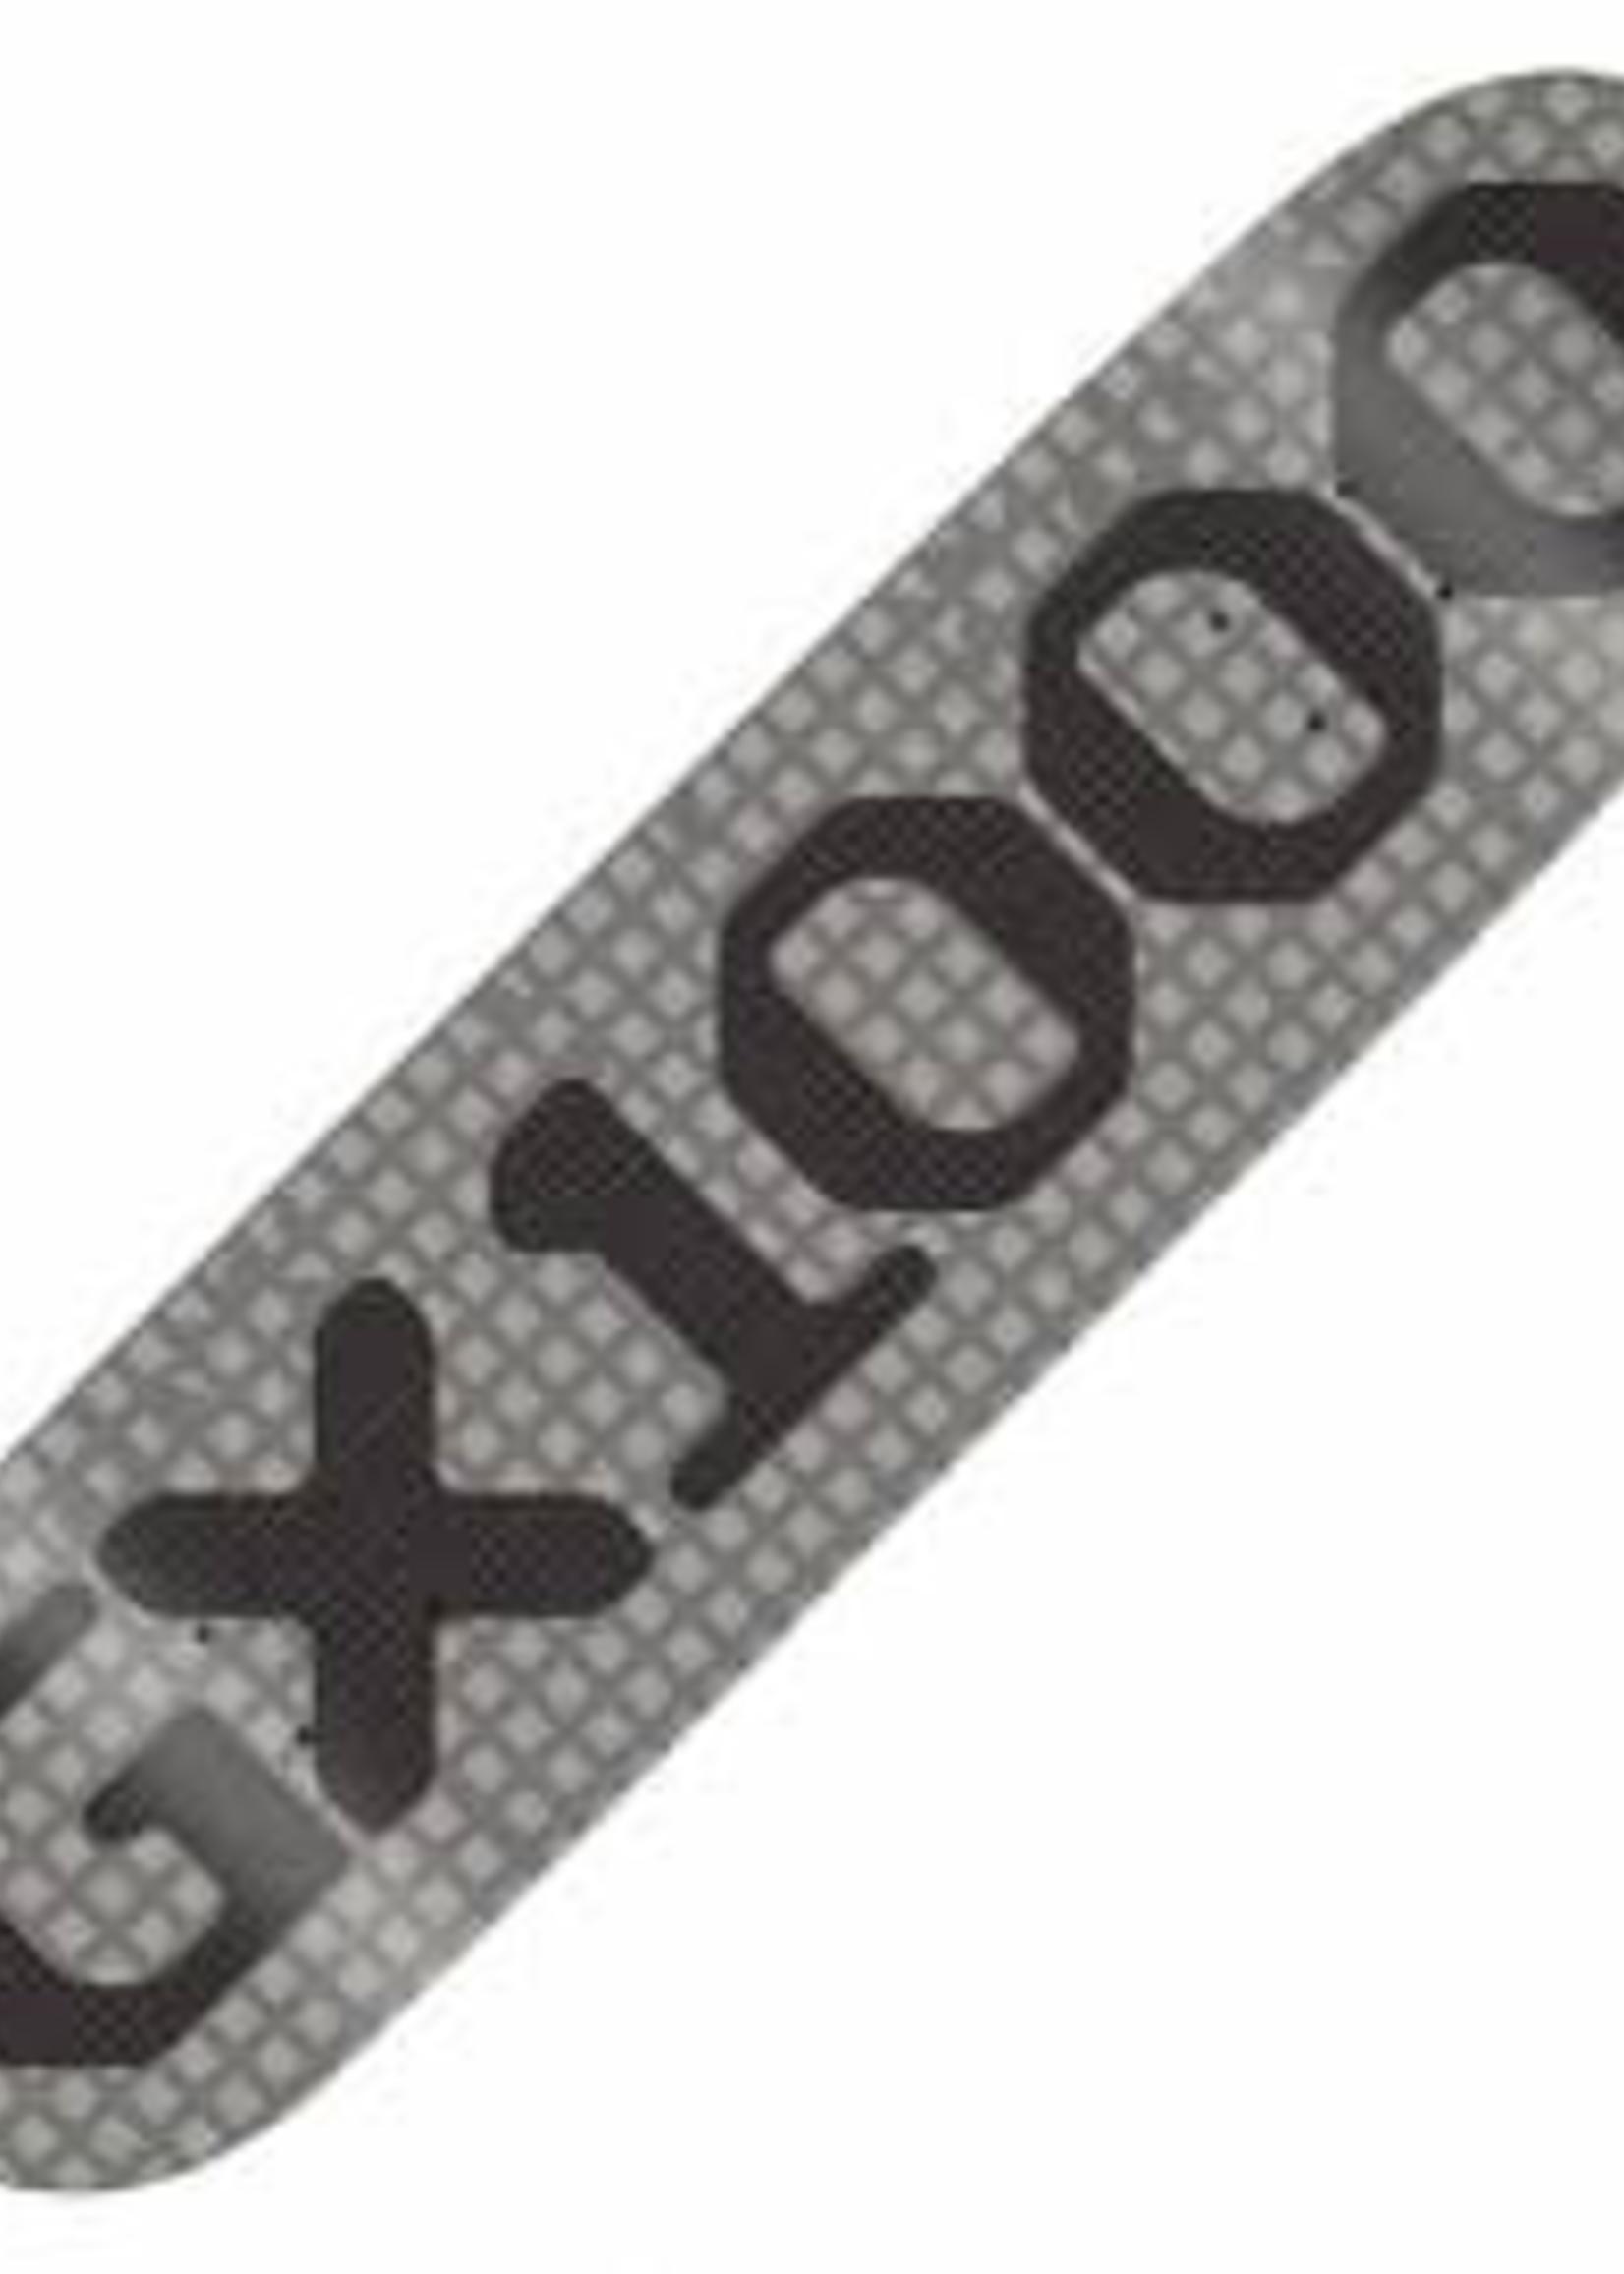 GX1000 - OG HATCHED DECK - 8.375